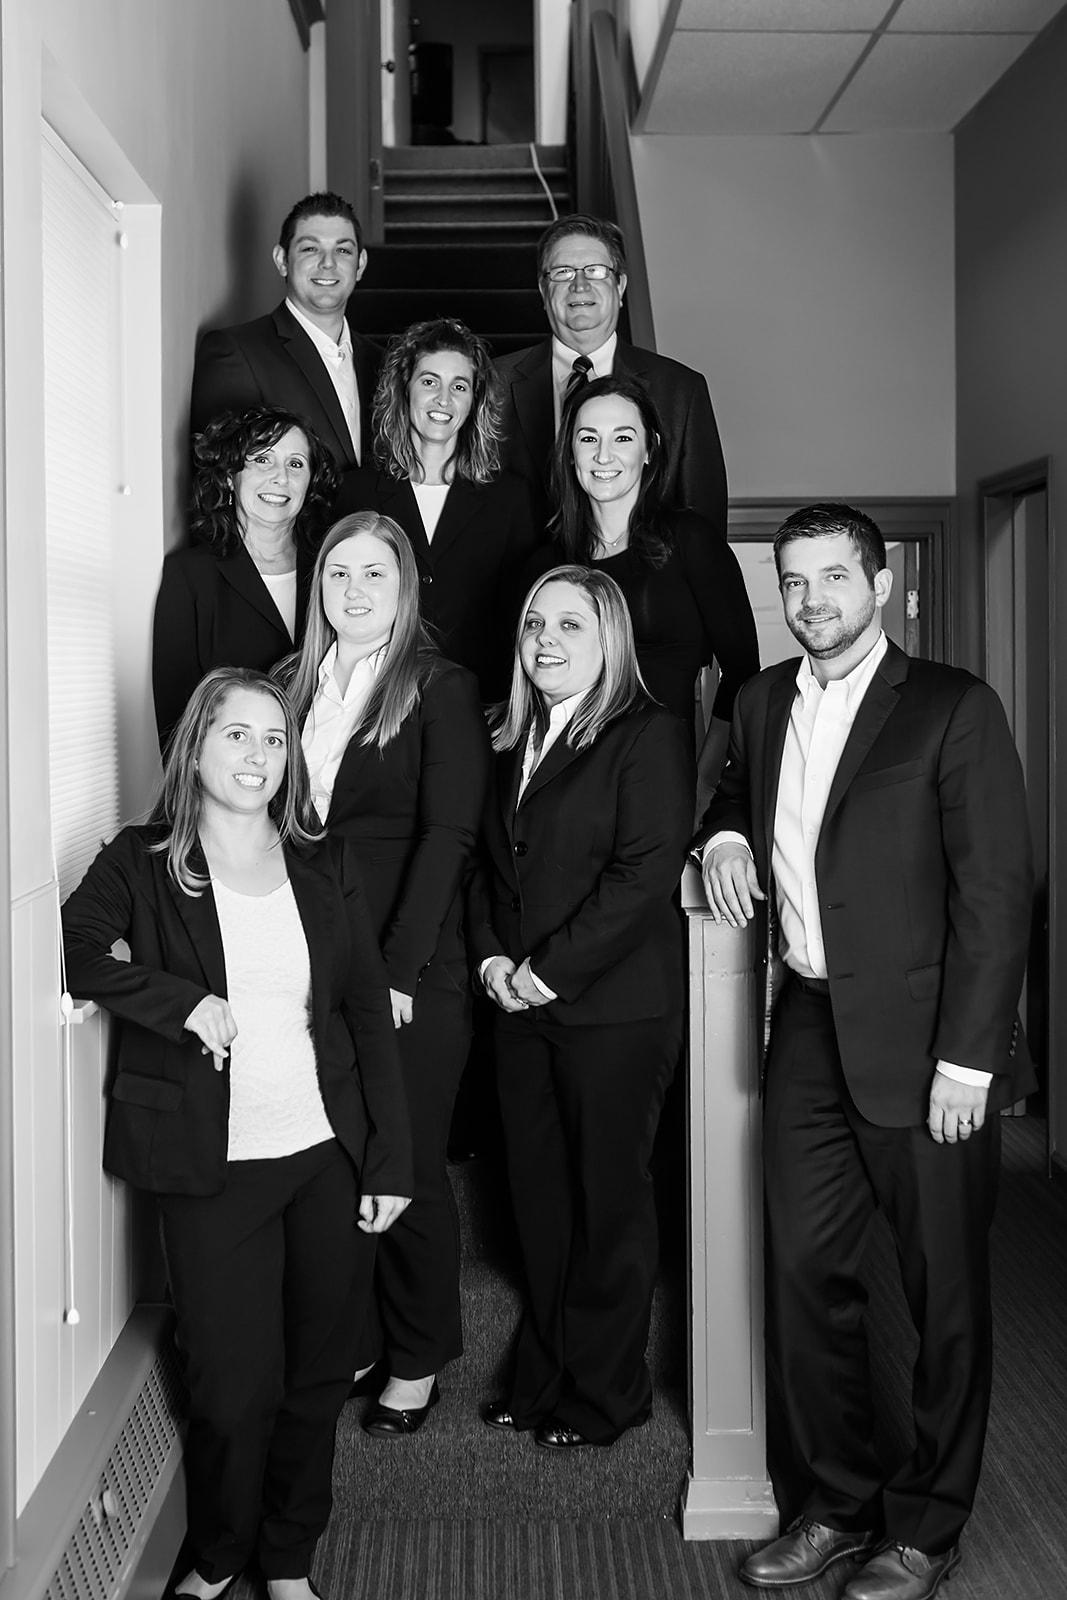 Hoerner & Geer CPA's Staff